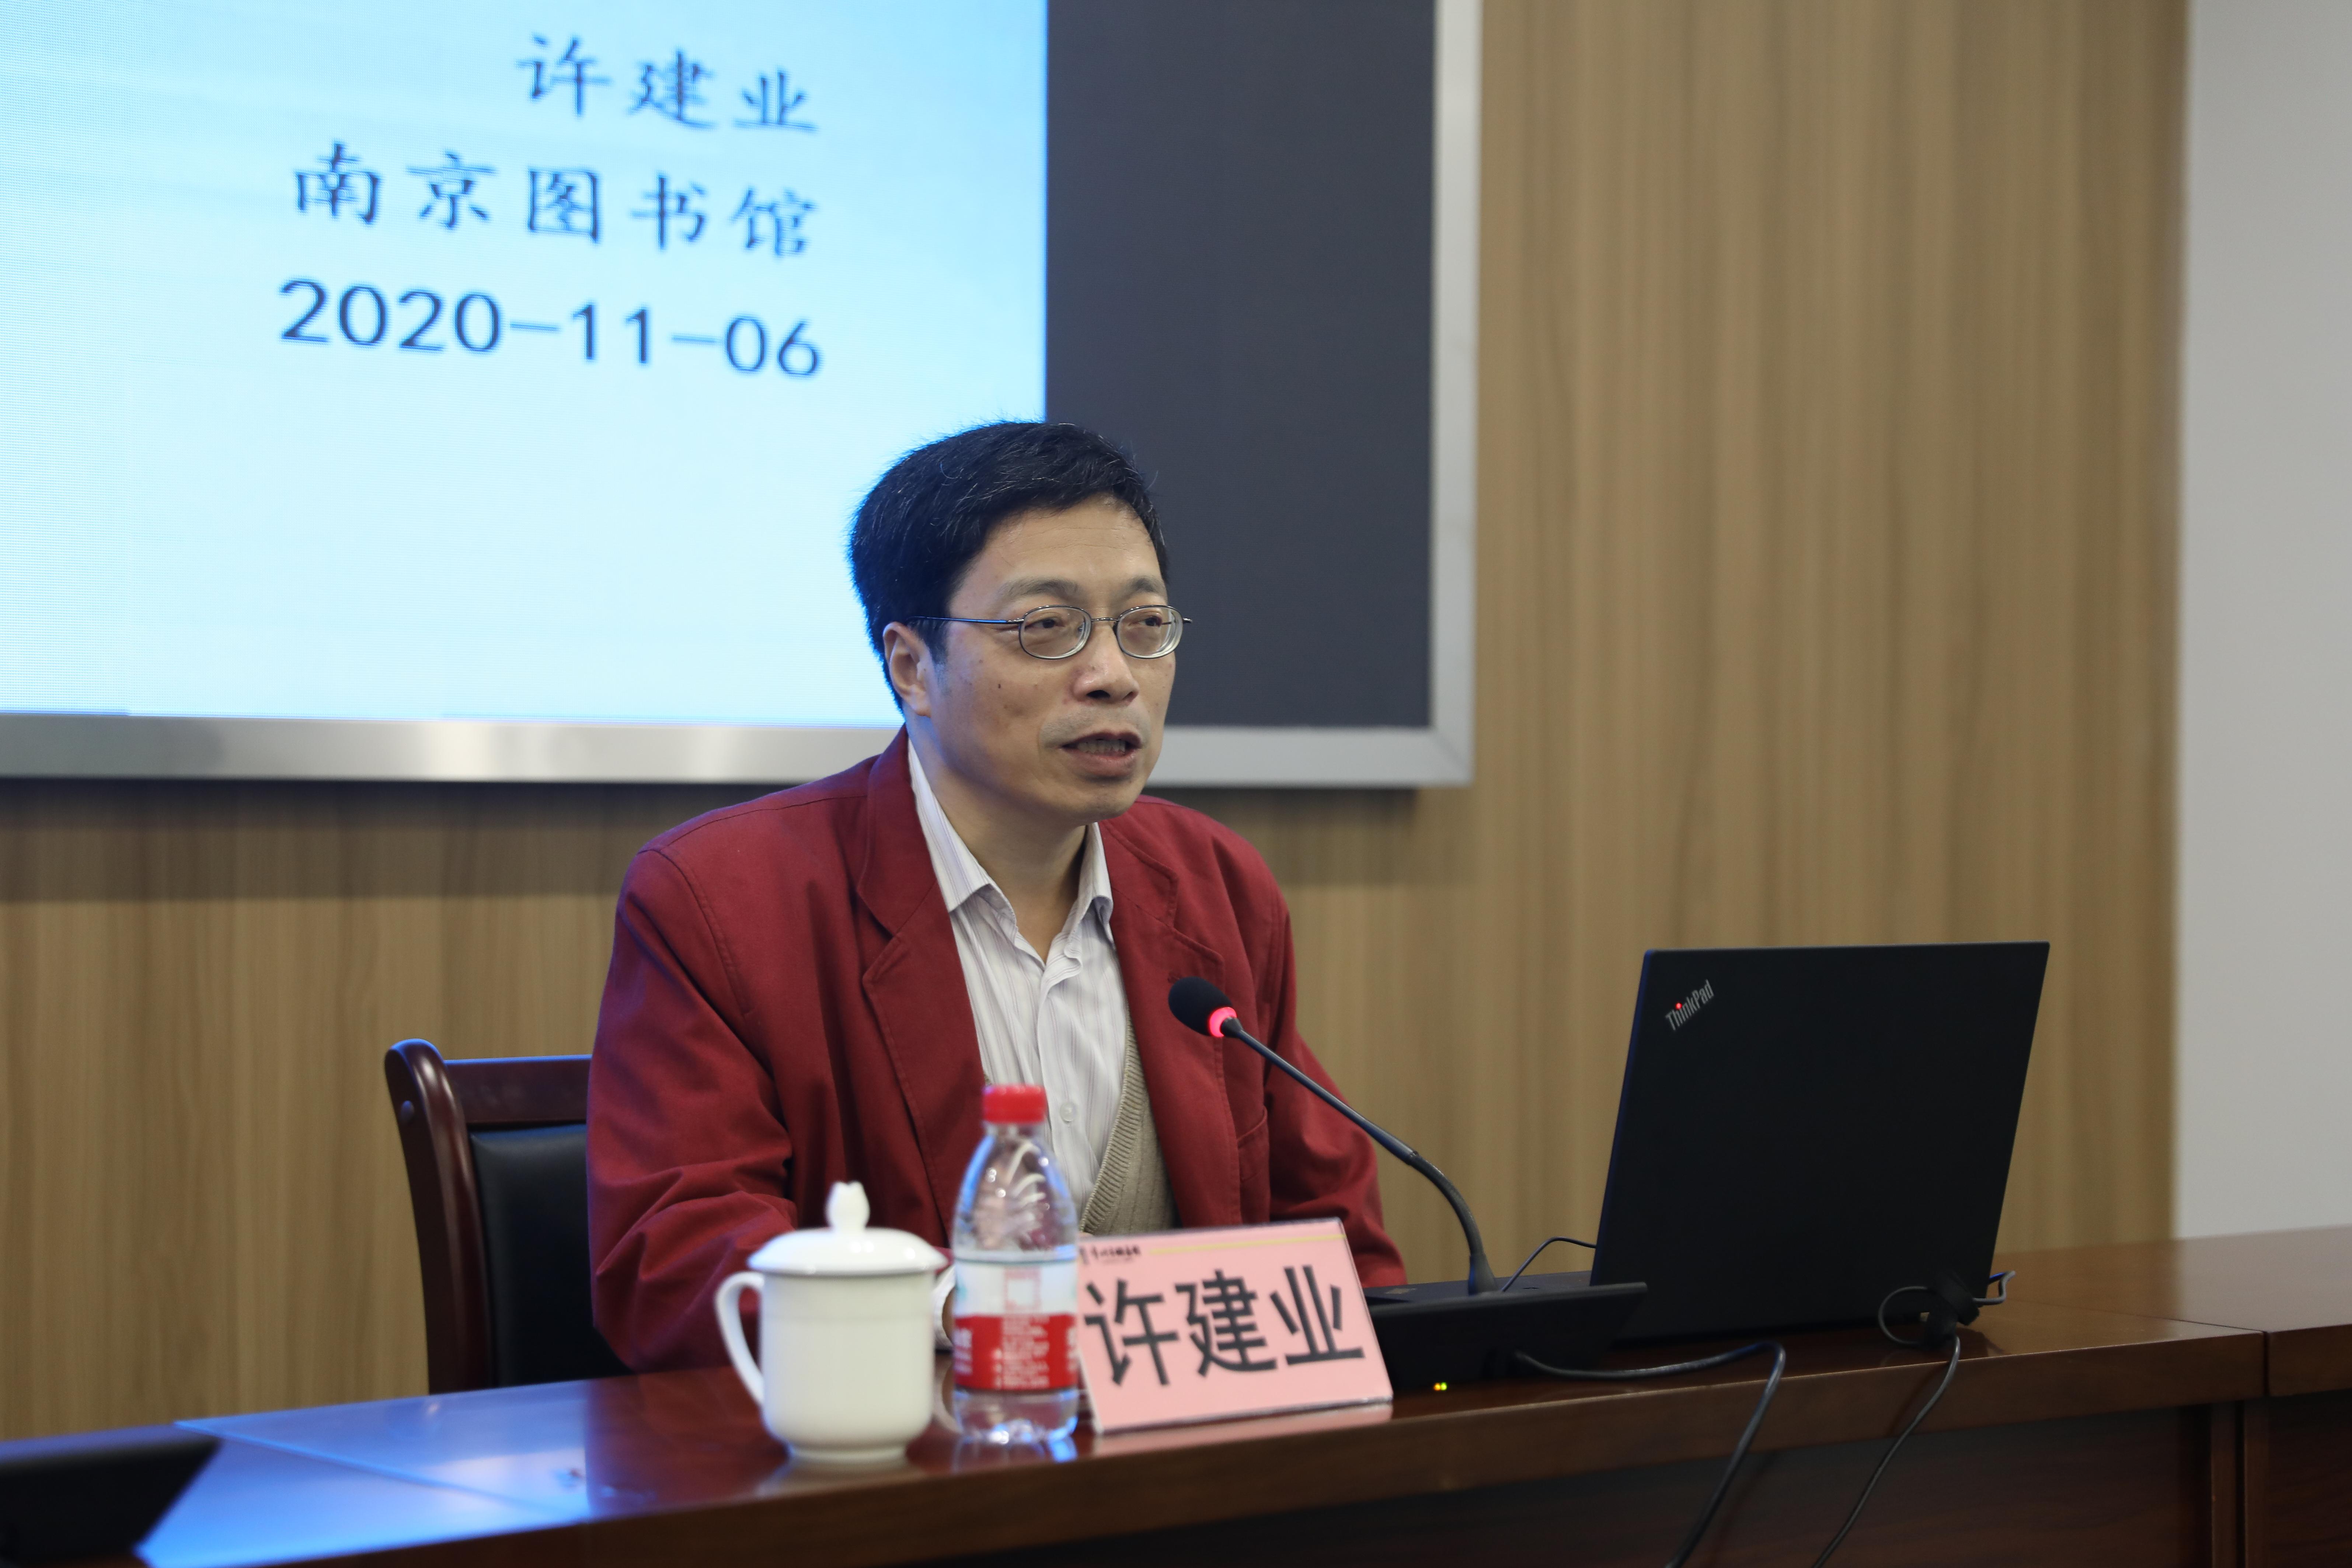 """强化苏陕文化交流 陕西30名馆员""""挂职""""江苏多家图书馆"""